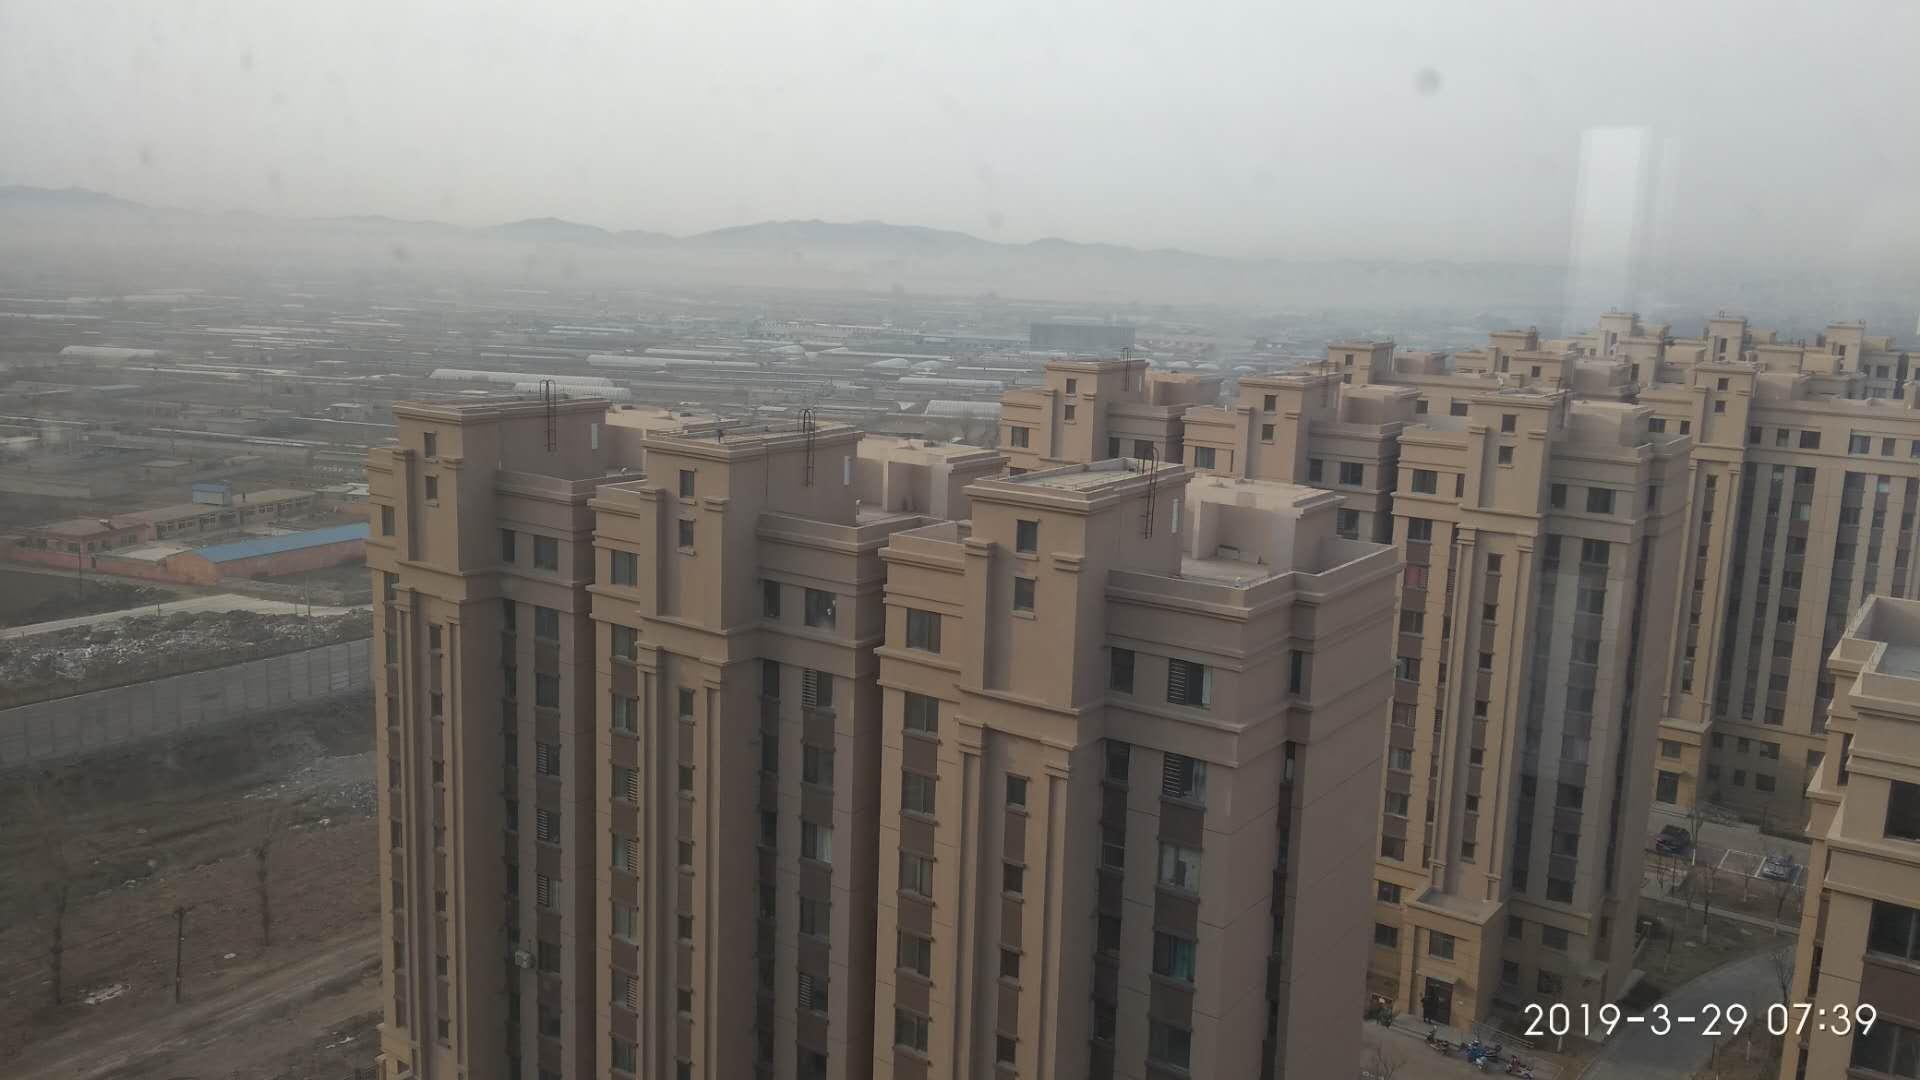 葫芦岛老城区高高的台阶惹人注视,雾色朦胧